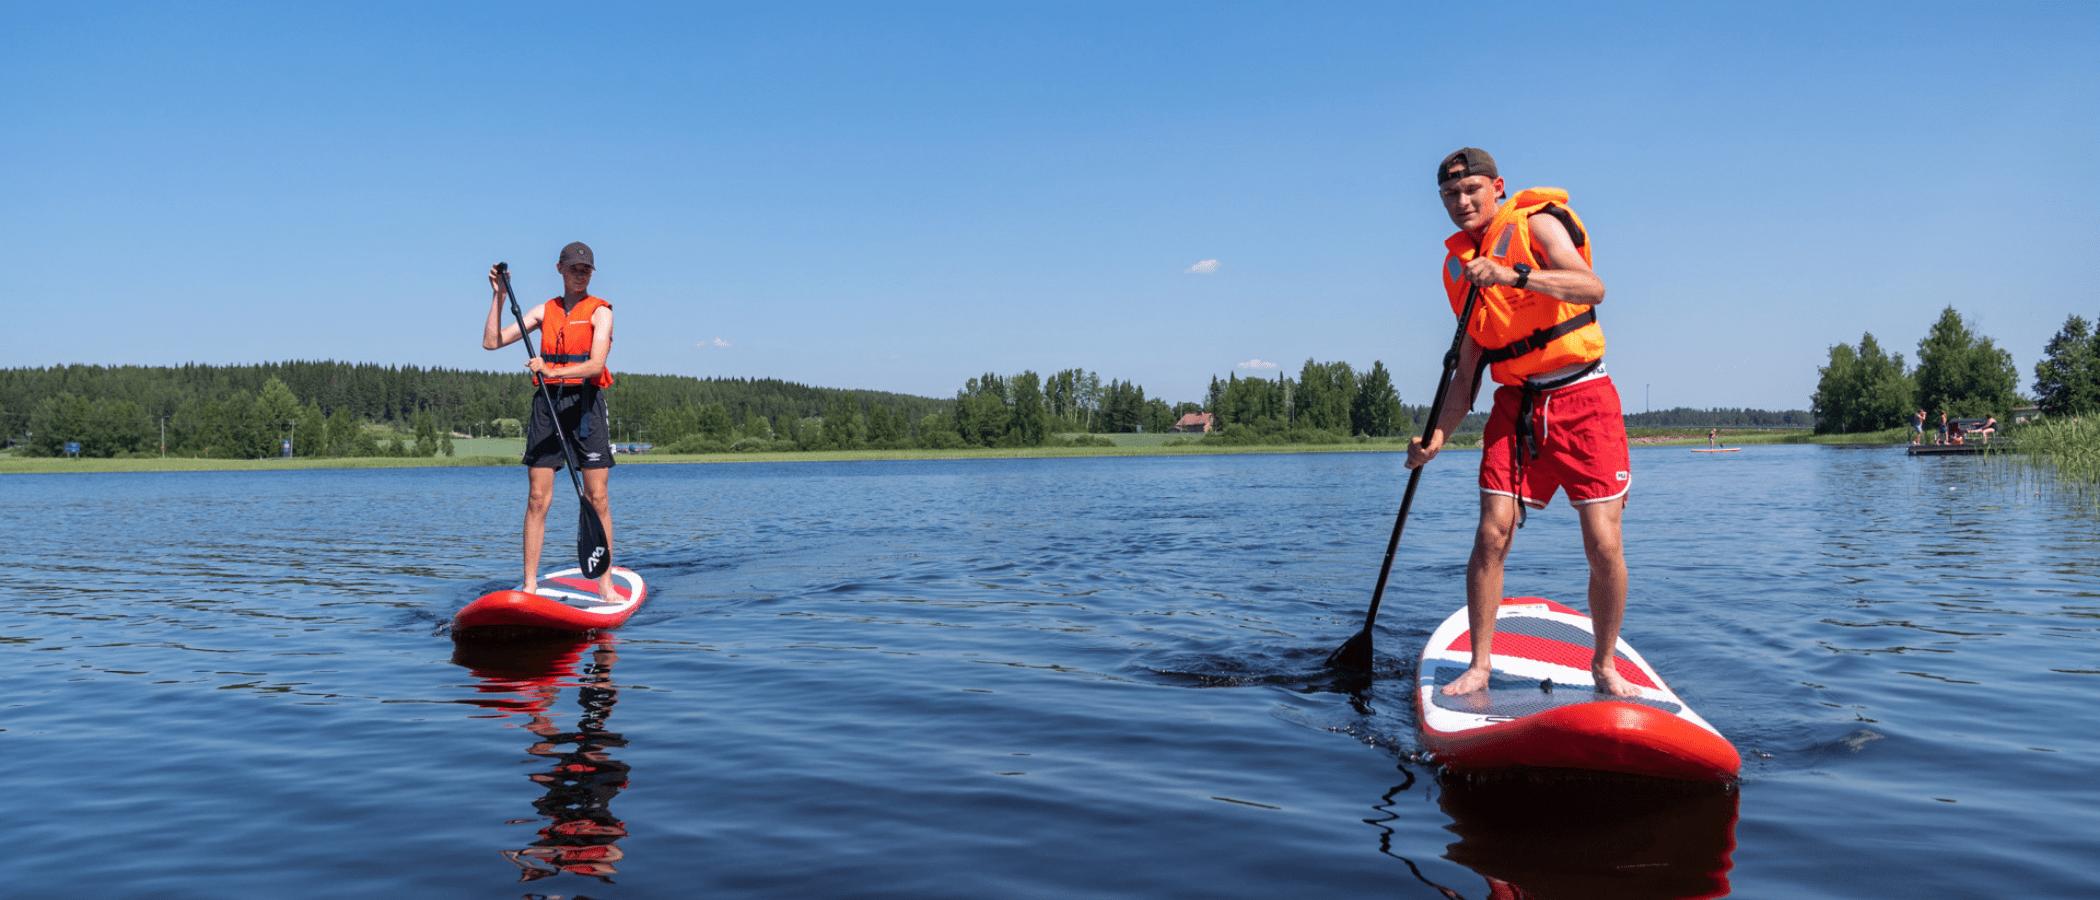 Kaksi henkilöä sup-lautailemassa järvellä